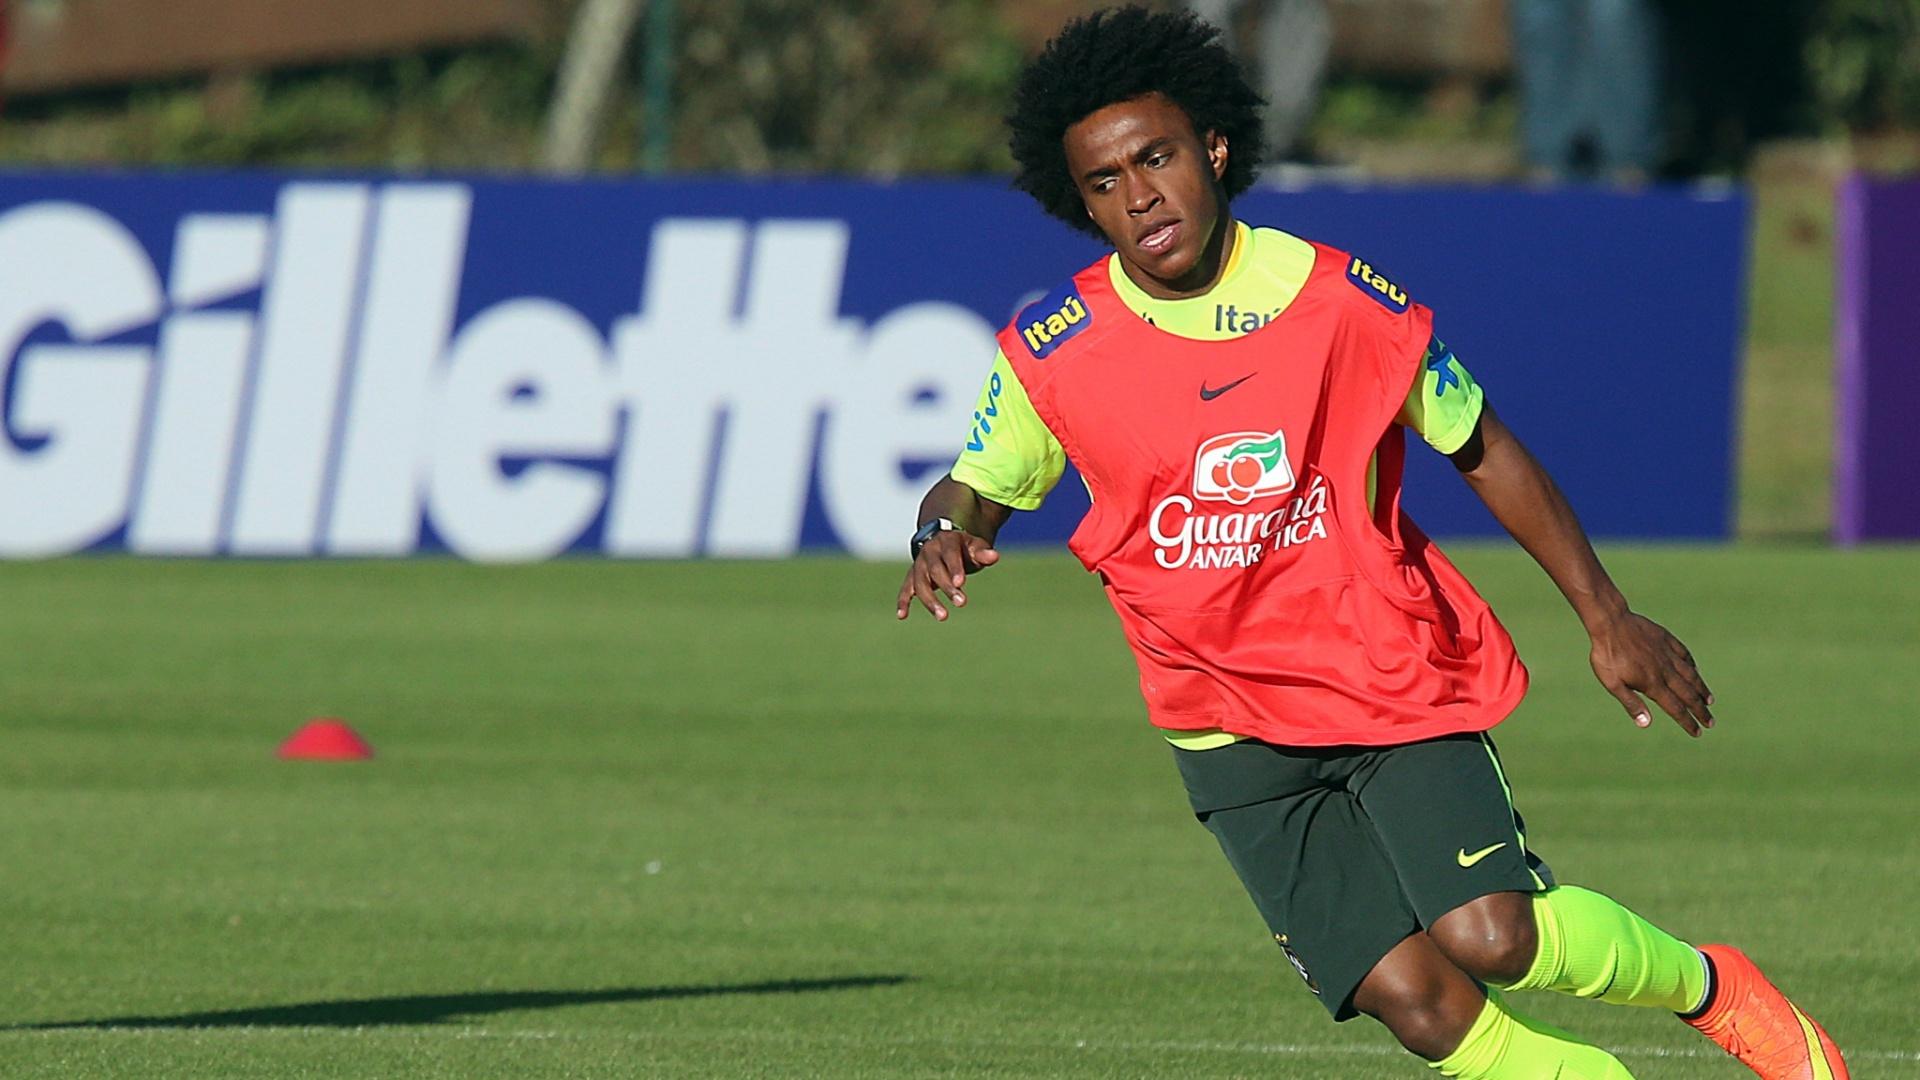 04.jun.2014 - Willian corre durante treino da seleção brasileira na Granja Comary